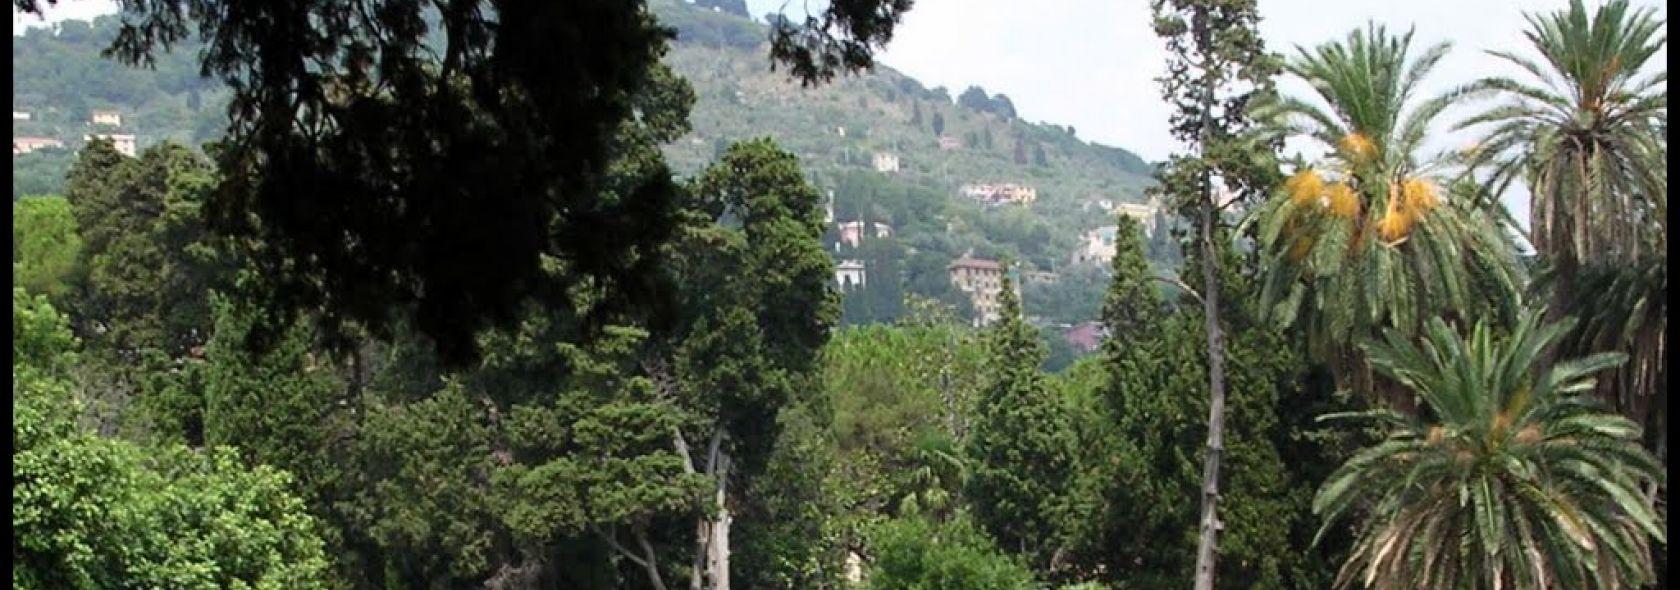 Parco Groppallo